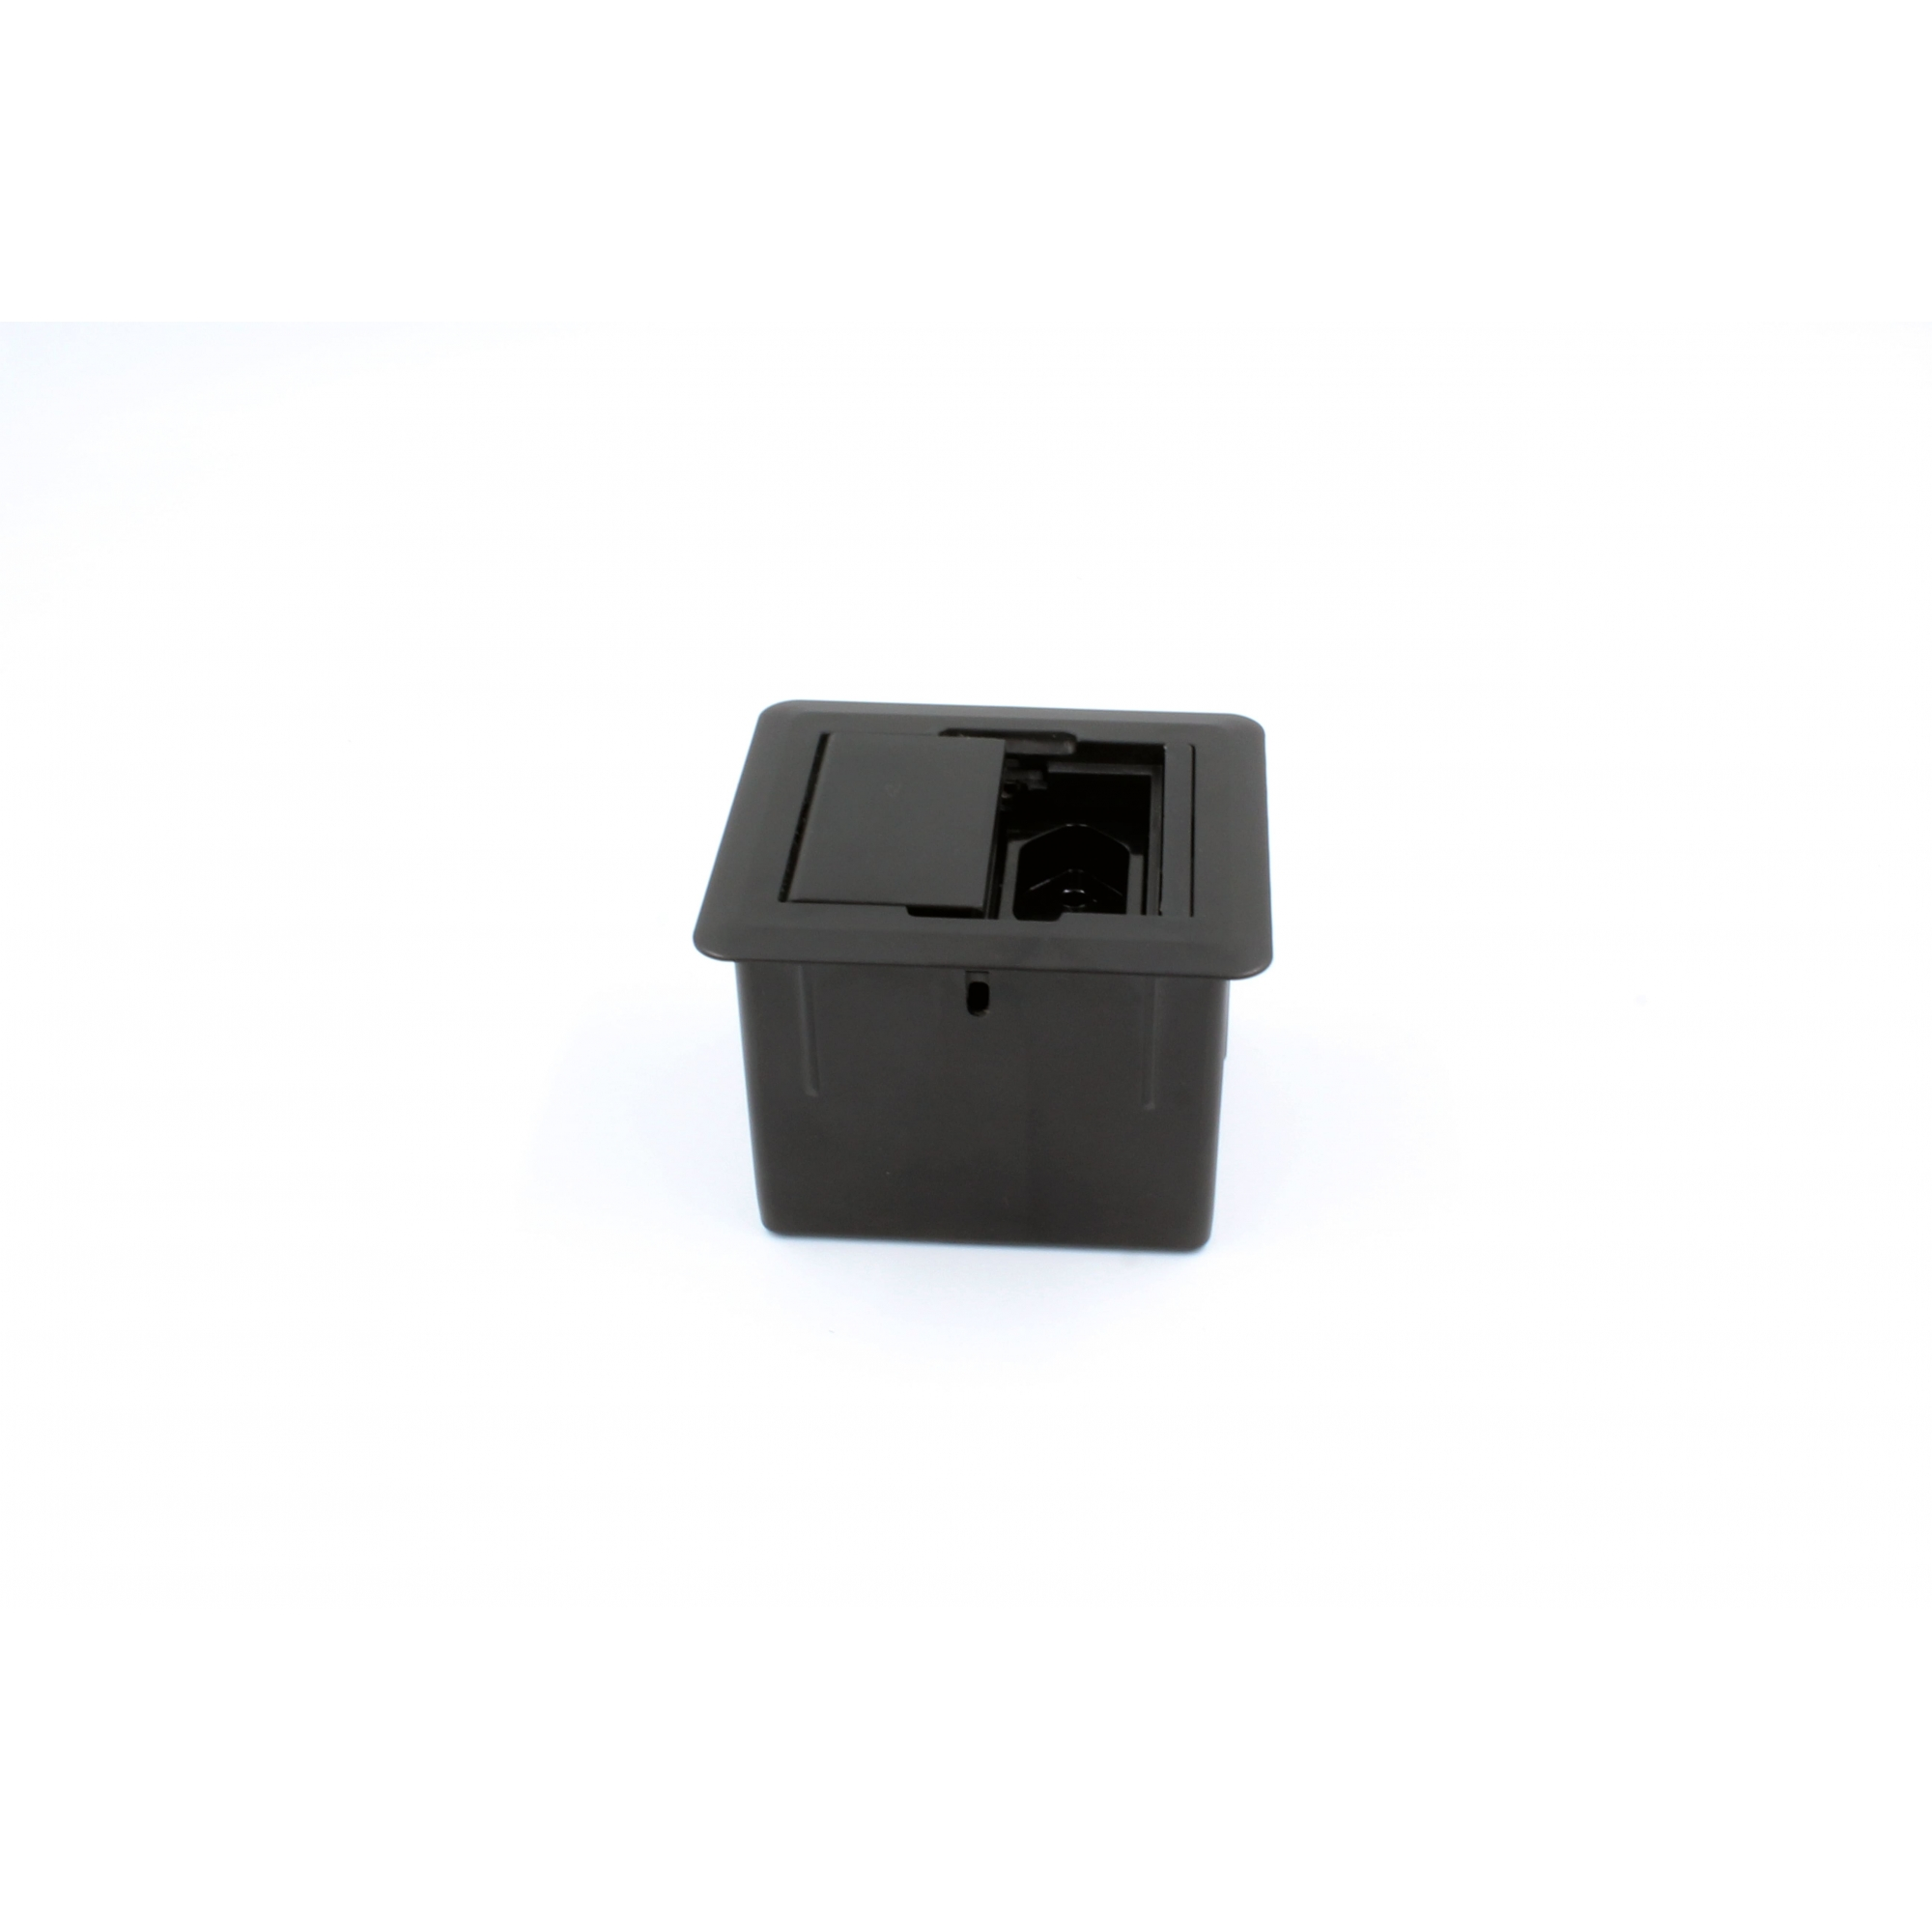 Caixa Univ. Quadrada 1 Tomada e 1 USB Charger c/ Fundo Preto